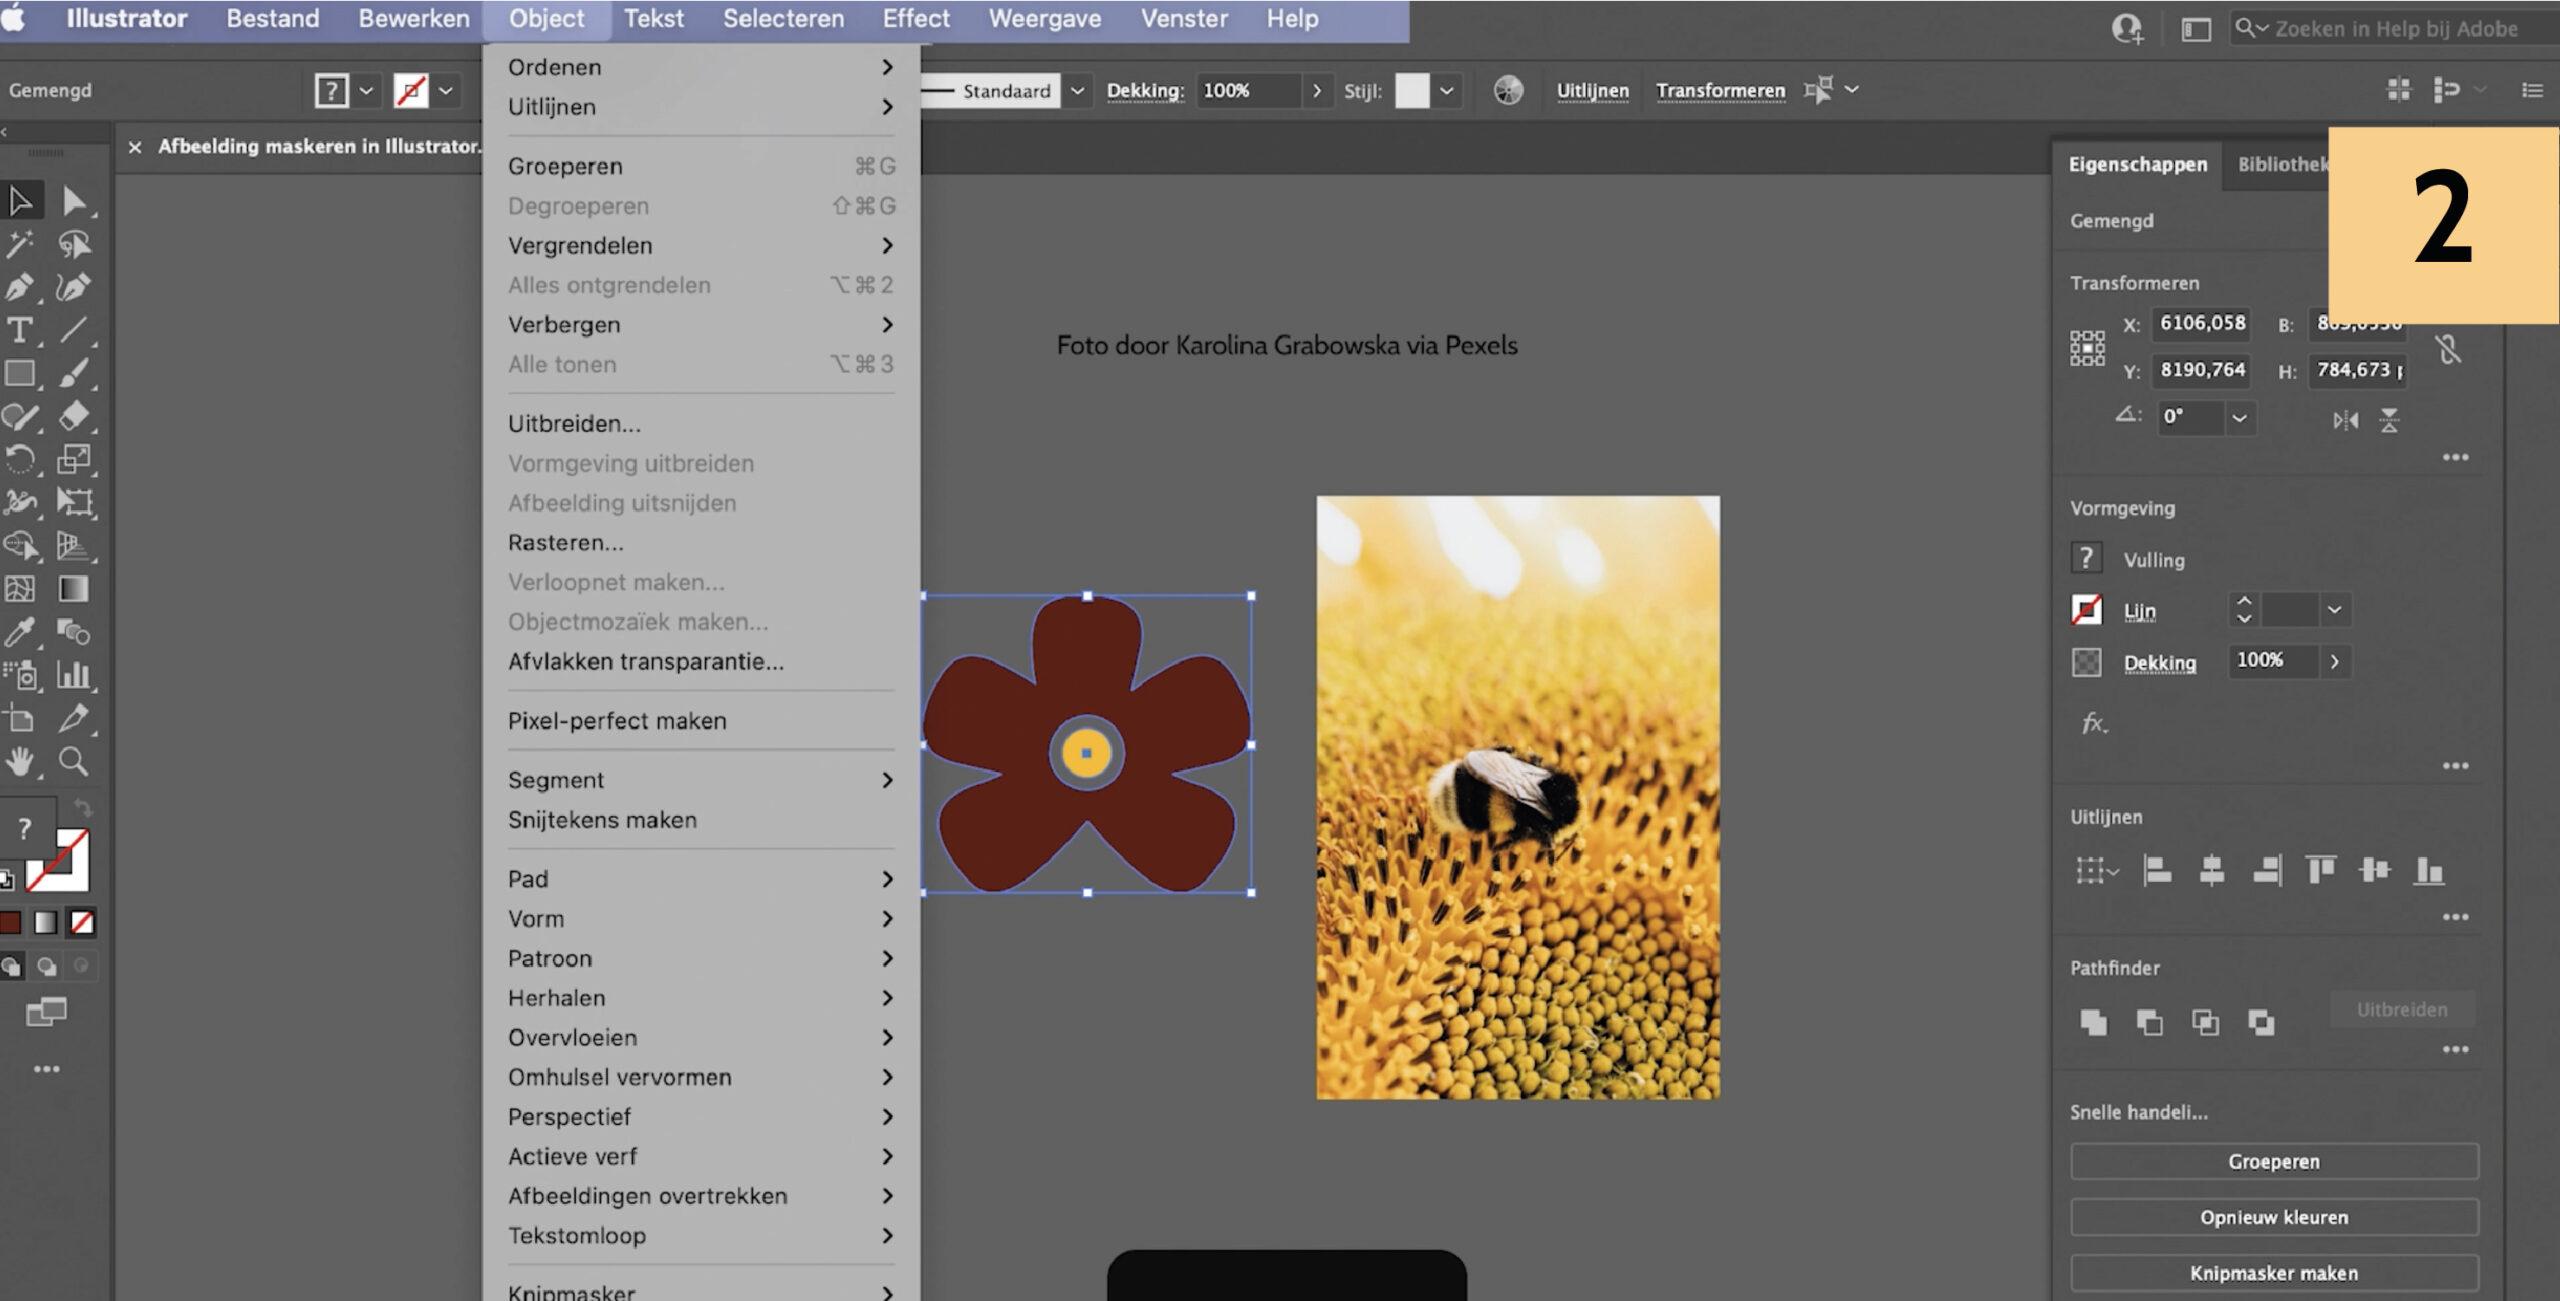 afbeeldingen-maskeren-illustrator-asiye-designs-_2-2